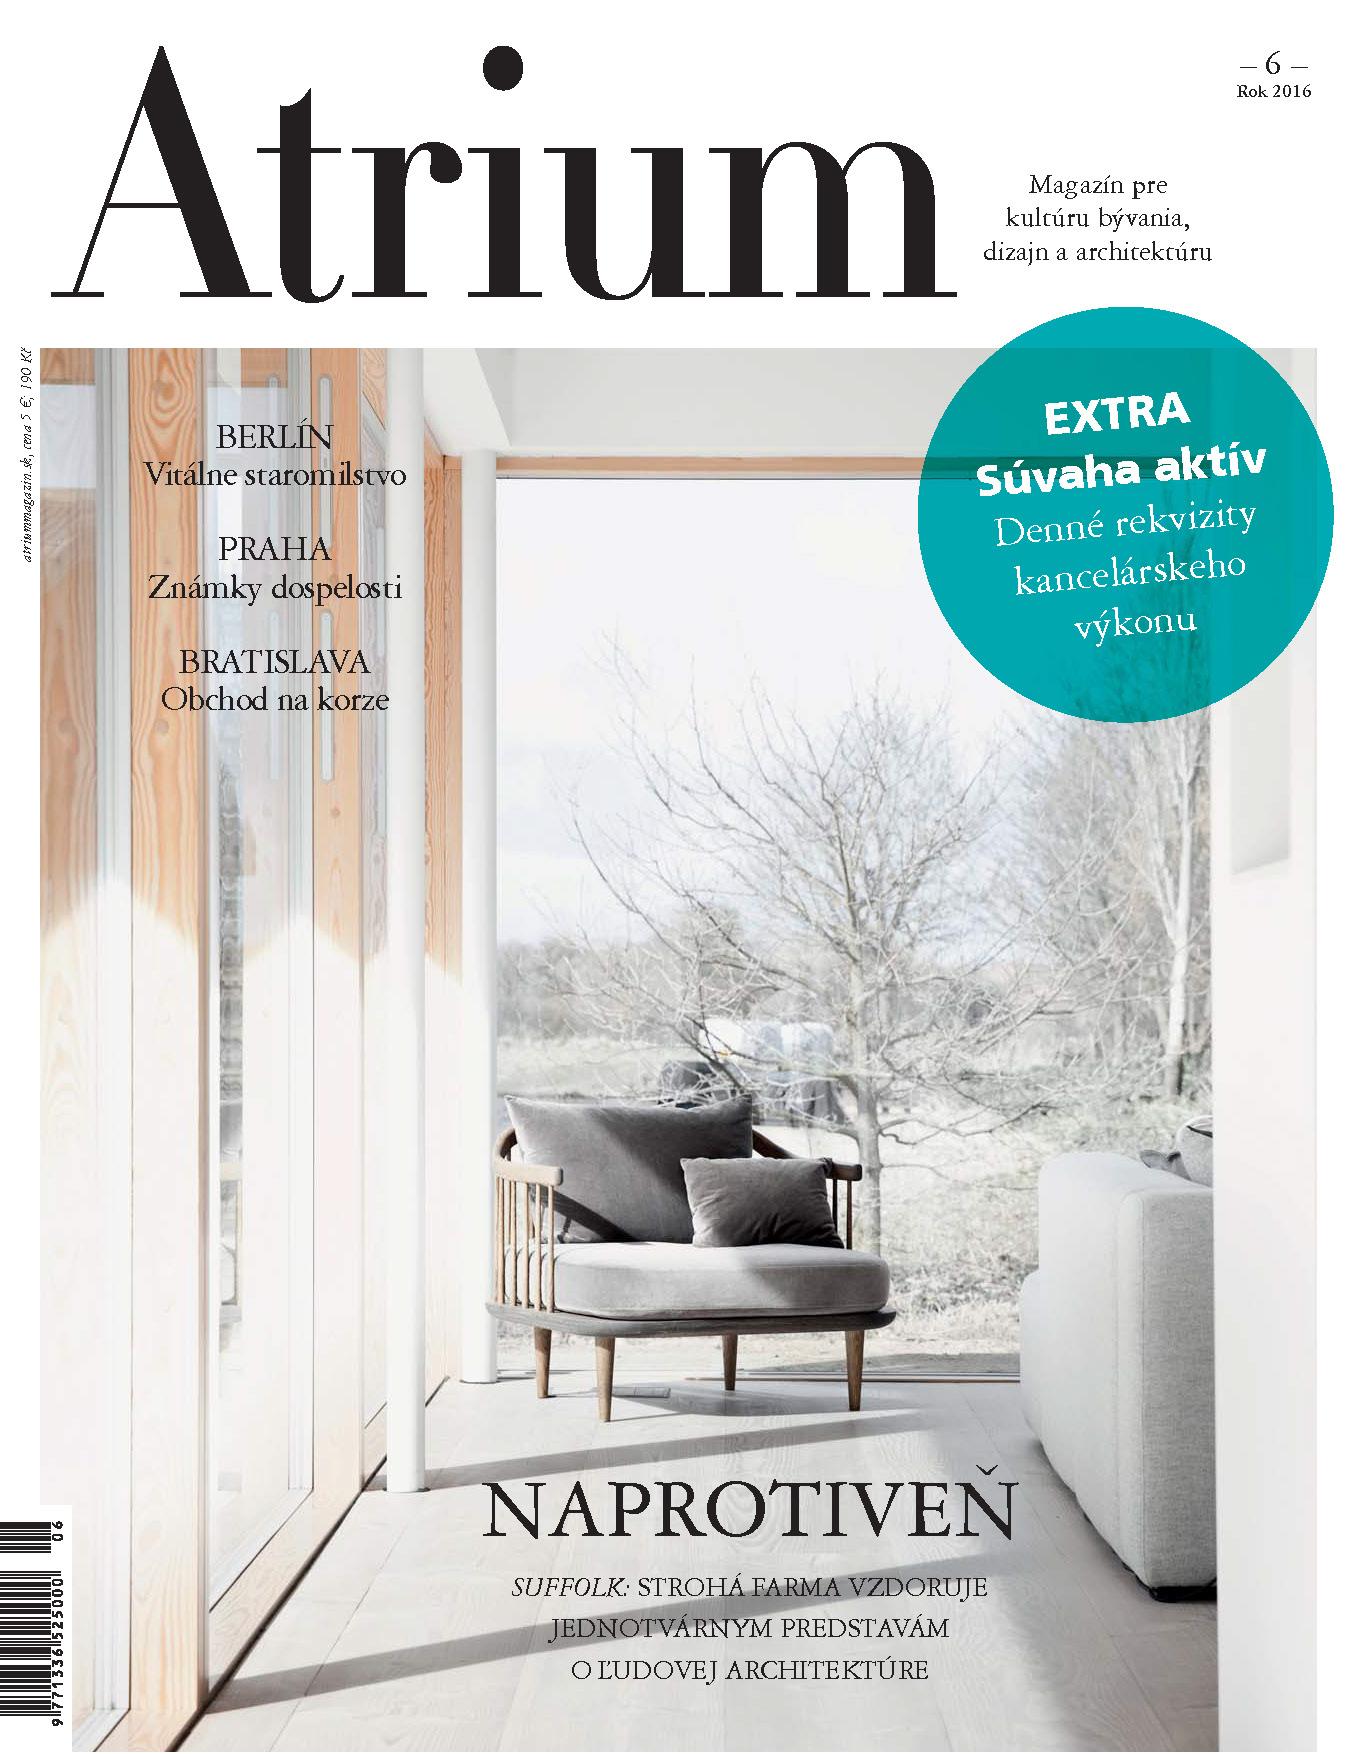 Atrium 6 / 2016